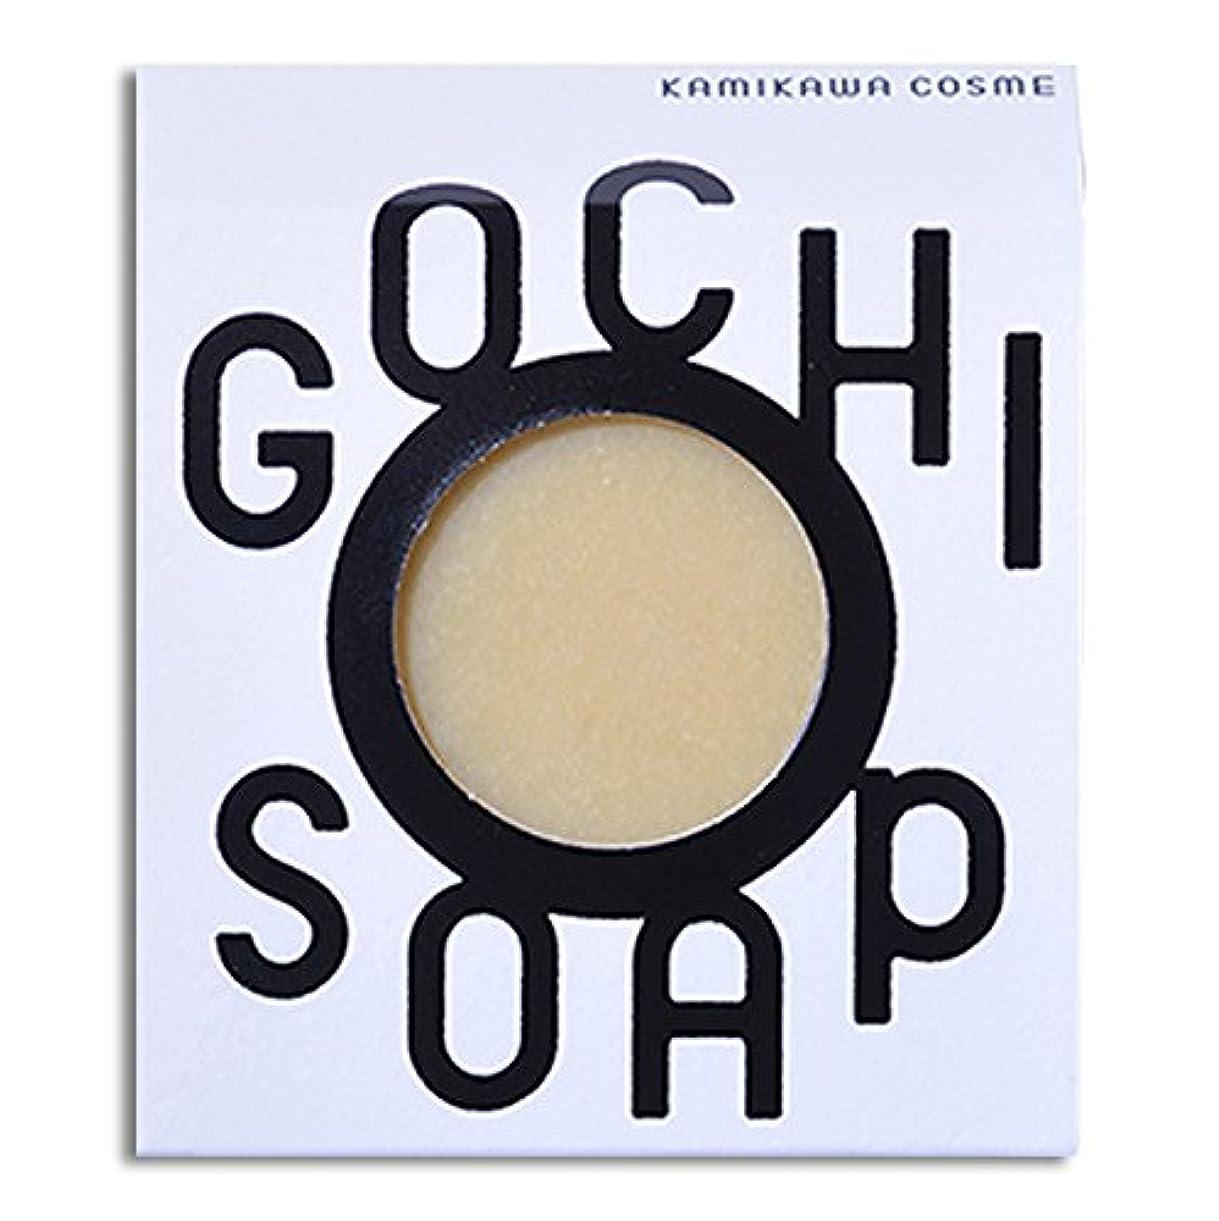 コーンウォールパウダー地平線道北の素材を使用したコスメブランド GOCHI SOAP(山路養蜂園の蜂蜜ソープ?ふじくらますも果樹園のりんごソープ)各1個セット